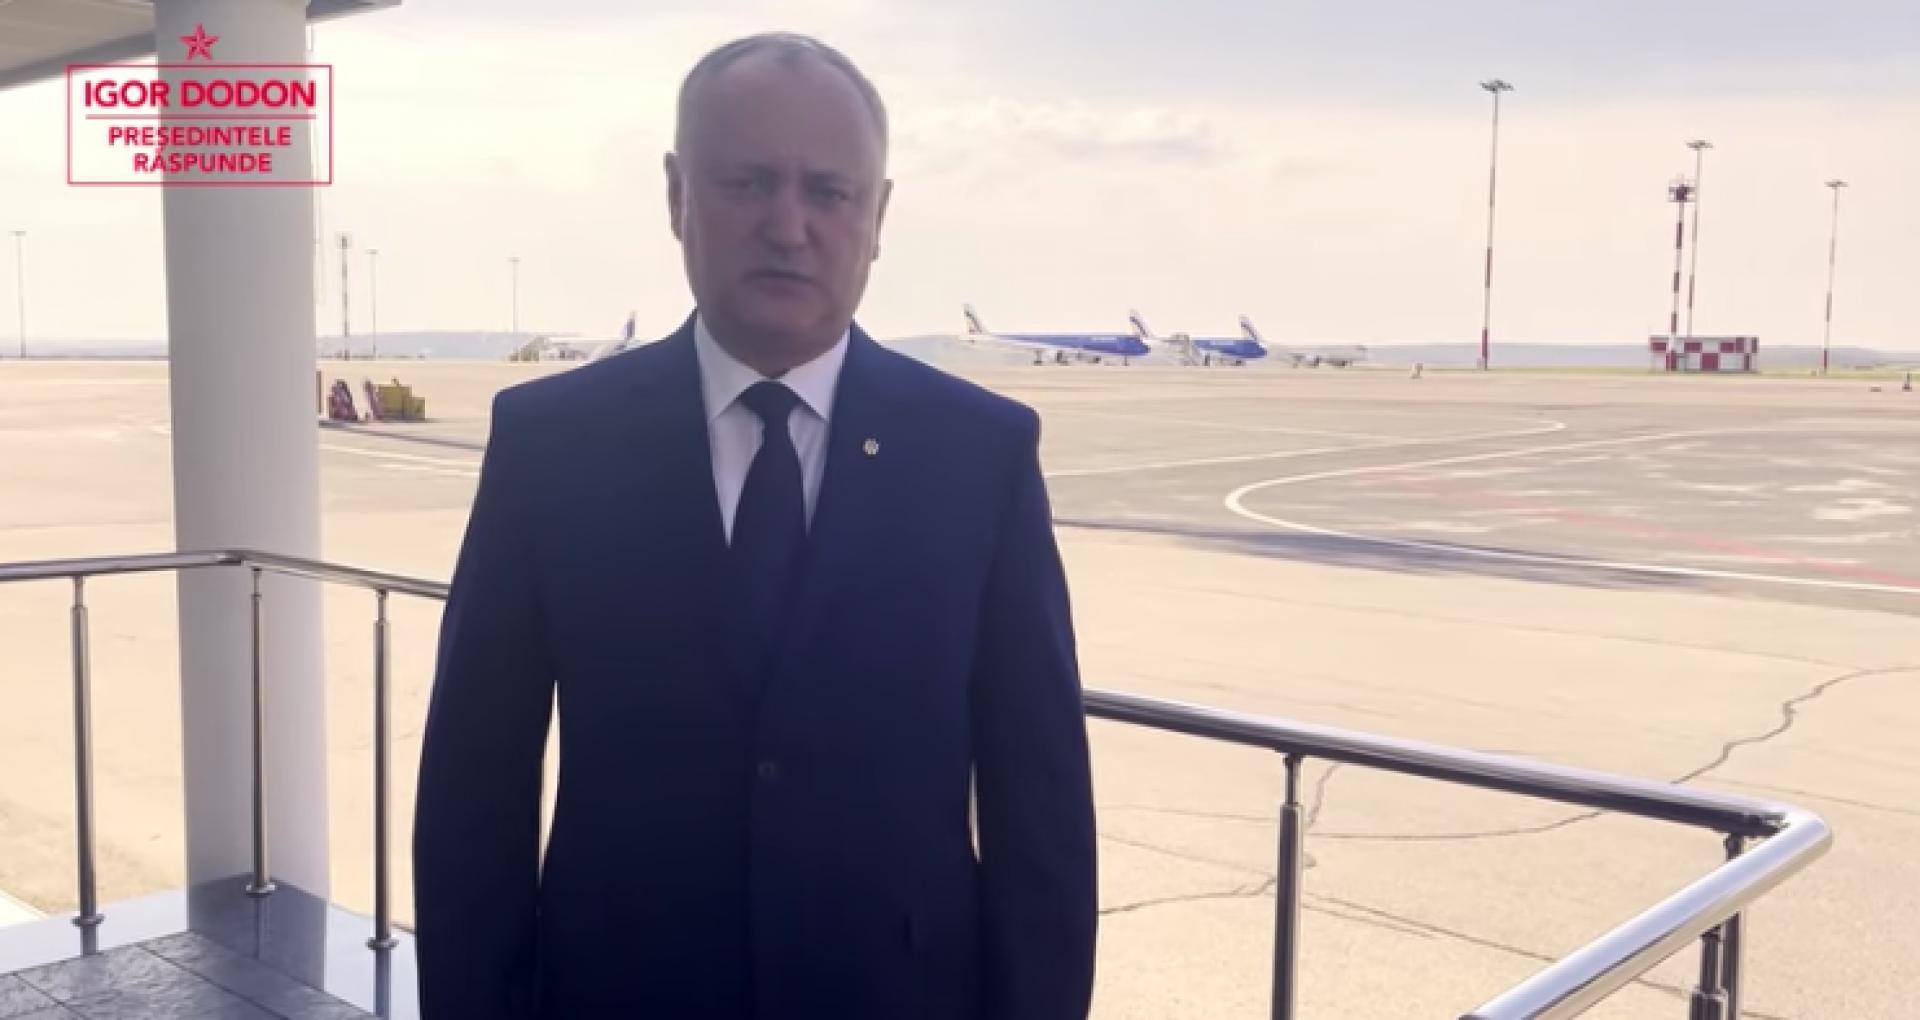 Cu câteva ore înainte ca socialiștii să aprobe mai multe acte cu privire la CC, șeful lor de partid a postat un video de pe aeroport și a anunțat că pleacă la Moscova